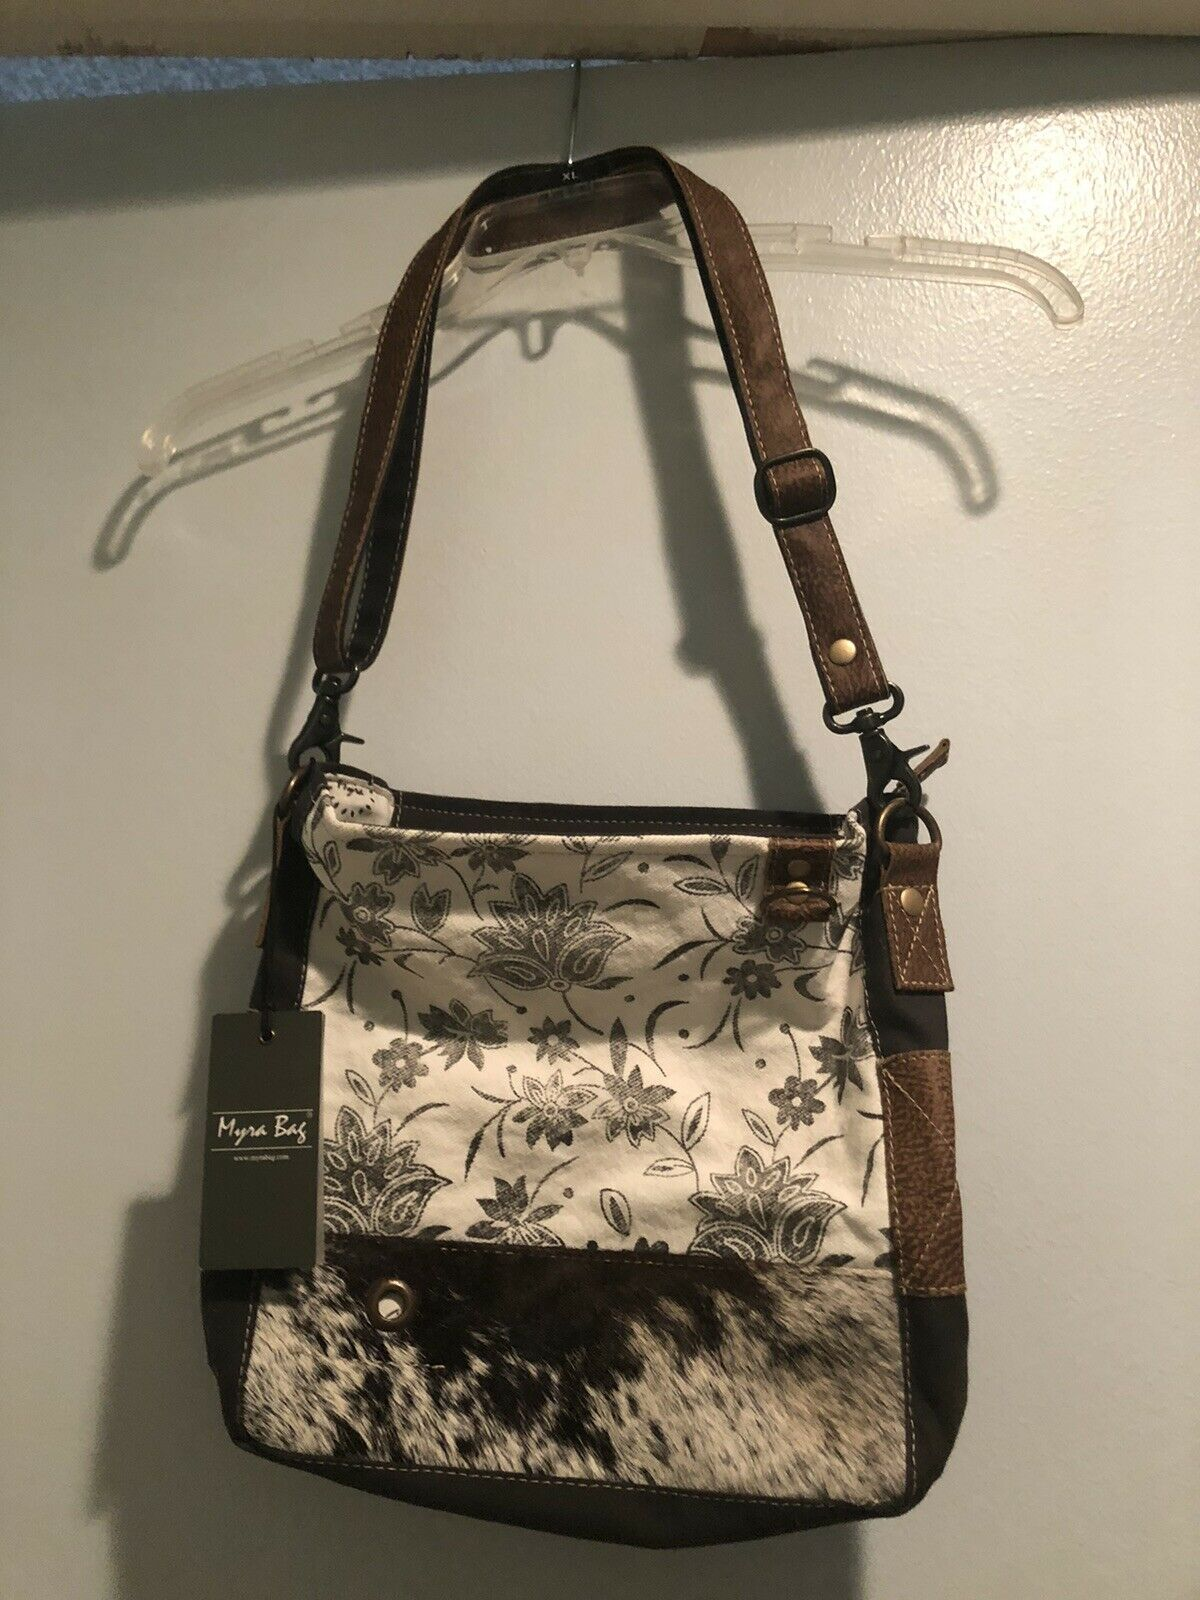 Myra bag Albino shoulder Bag, New with tags